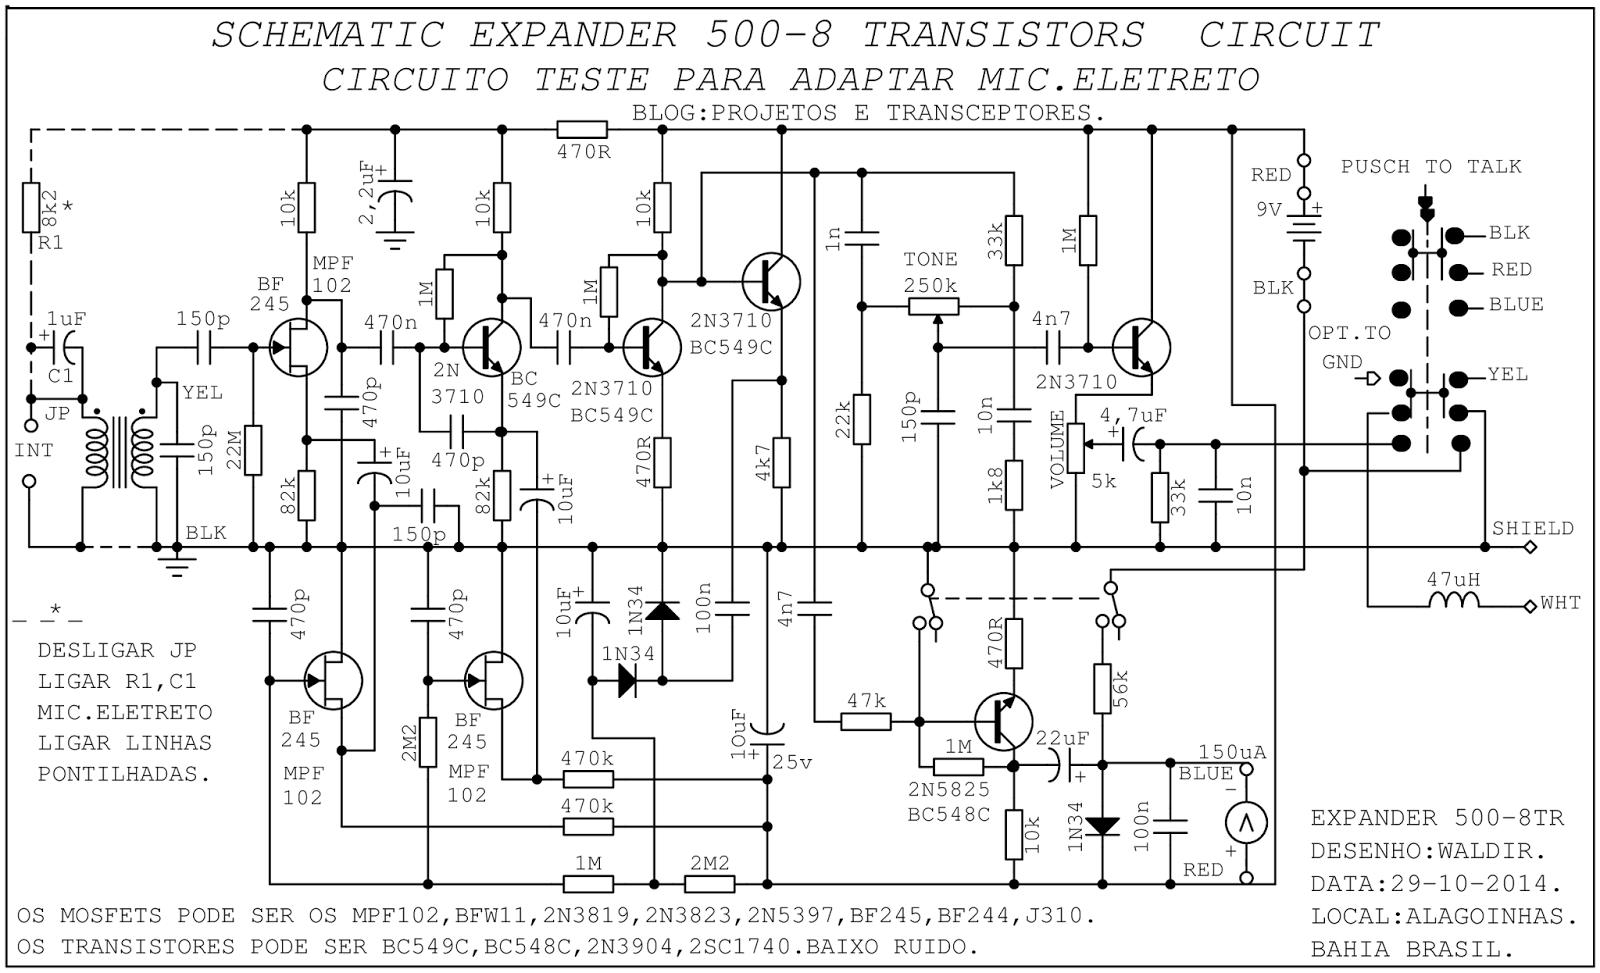 Projetos E Transceptores Esquema Pre Expander 500 Ex 500